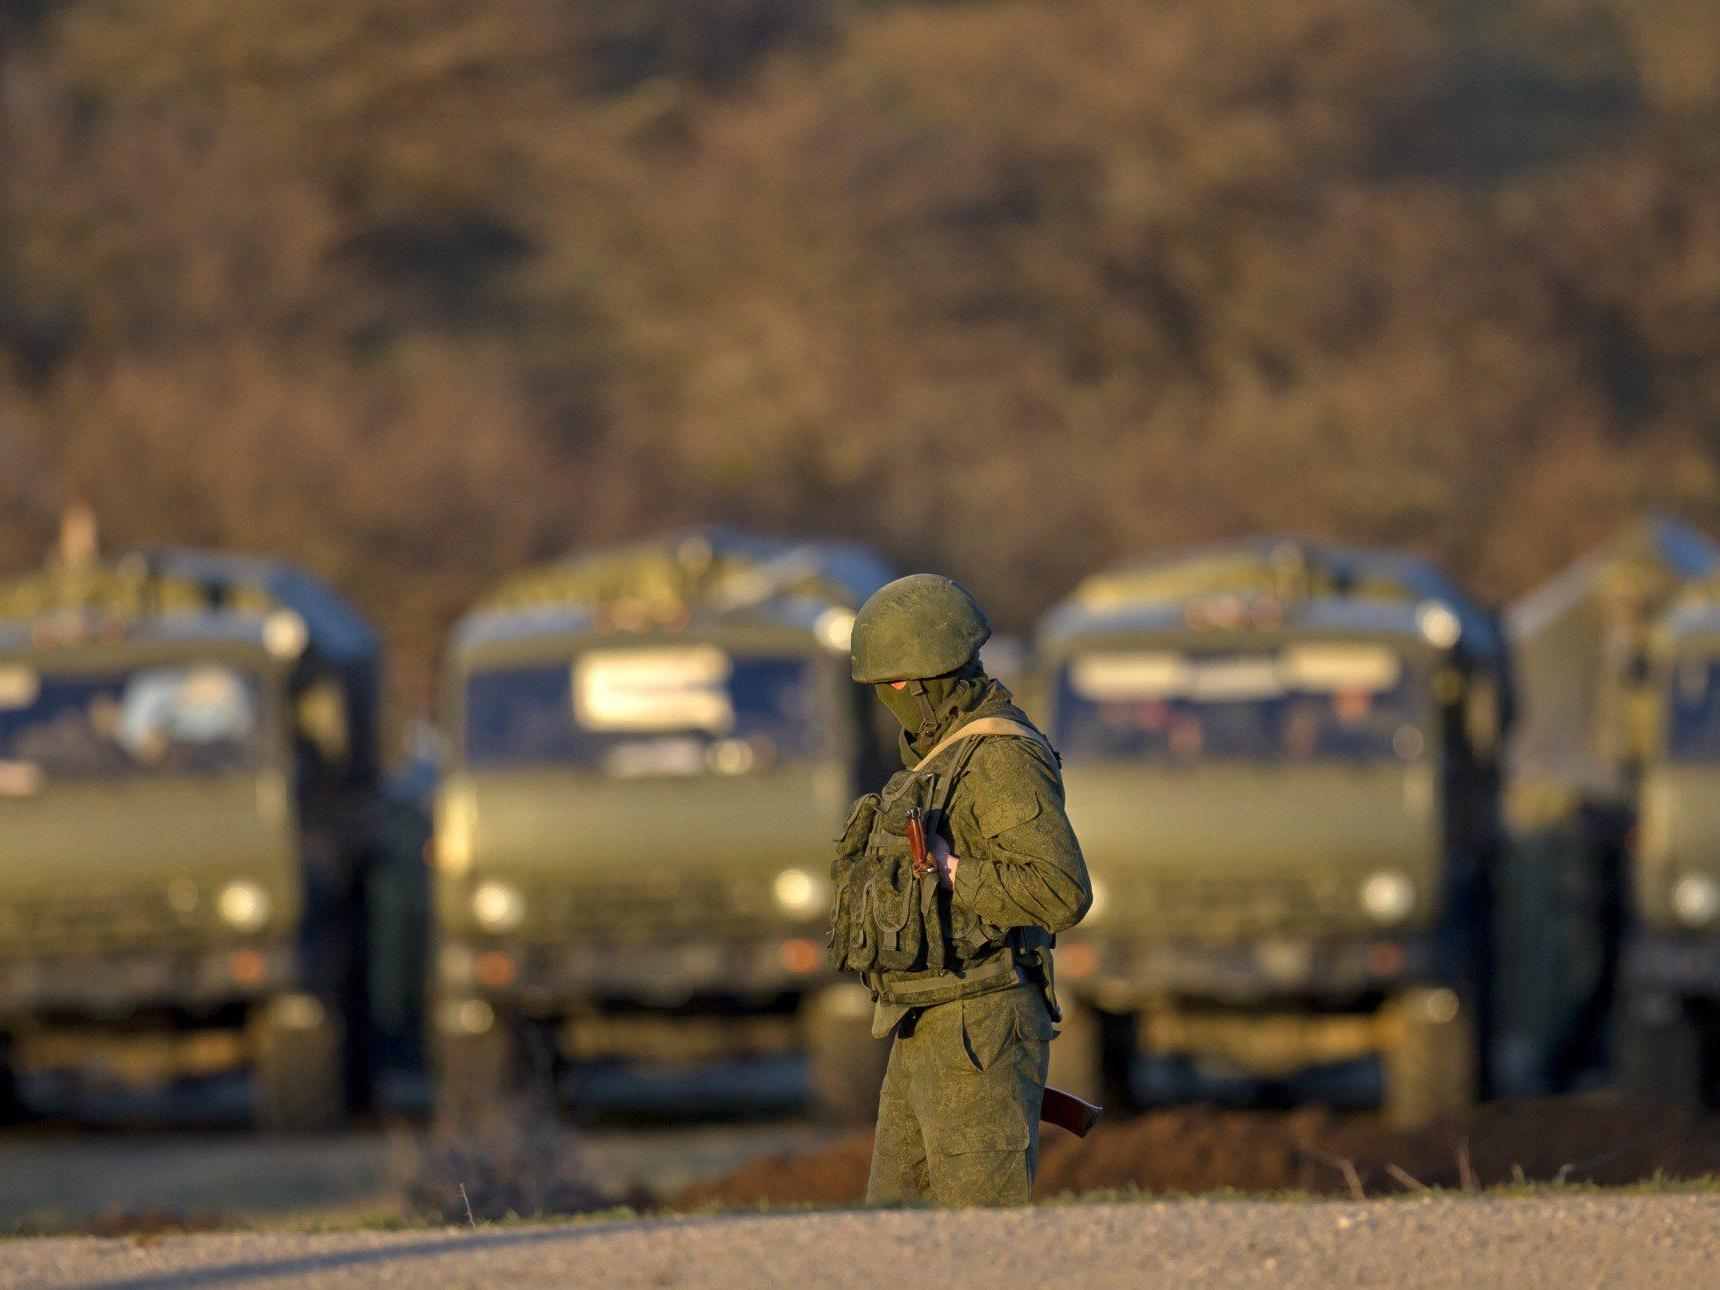 Russland rechtfertigt Aufmarsch mit Militärputsch.